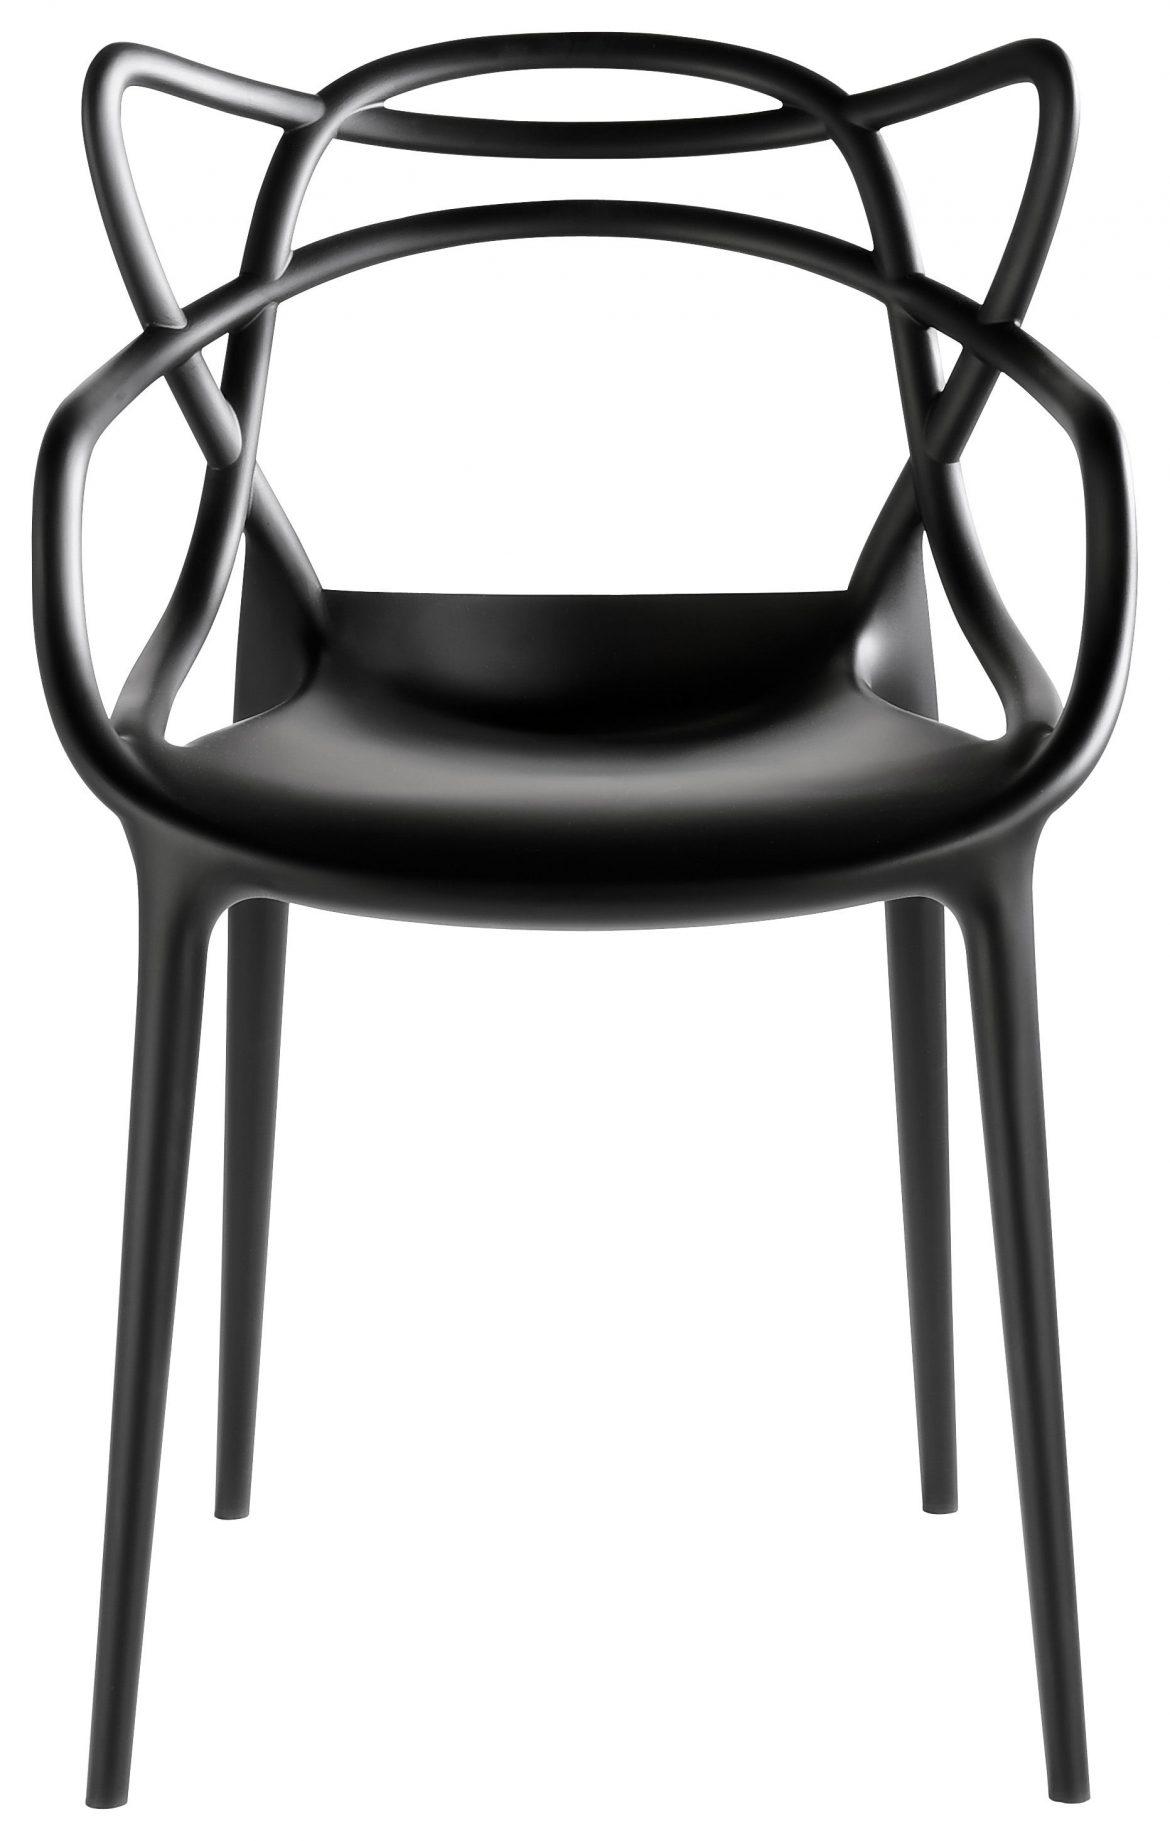 De Kartell Master stoel sluit perfect aan op de minimalistische woonstijl. Verkrijgbaar bij Vesta in het Woonforum.